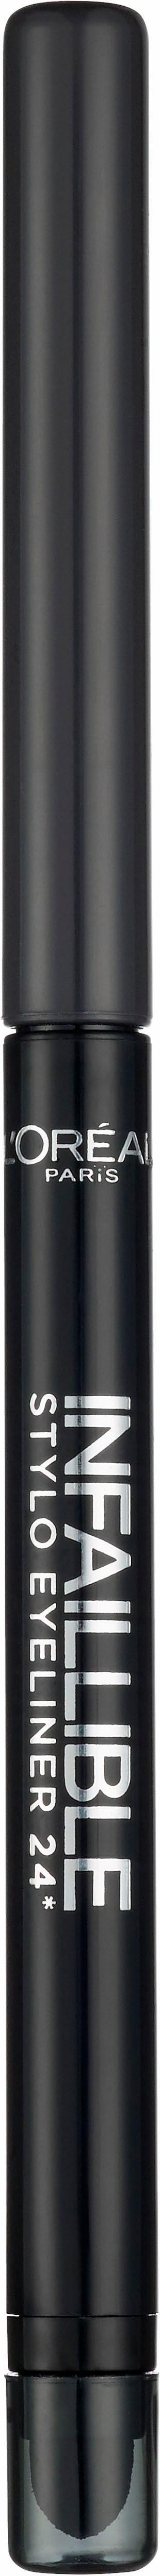 l'oréal paris - L'ORÉAL PARIS Eyeliner Infaillible Eyeliner